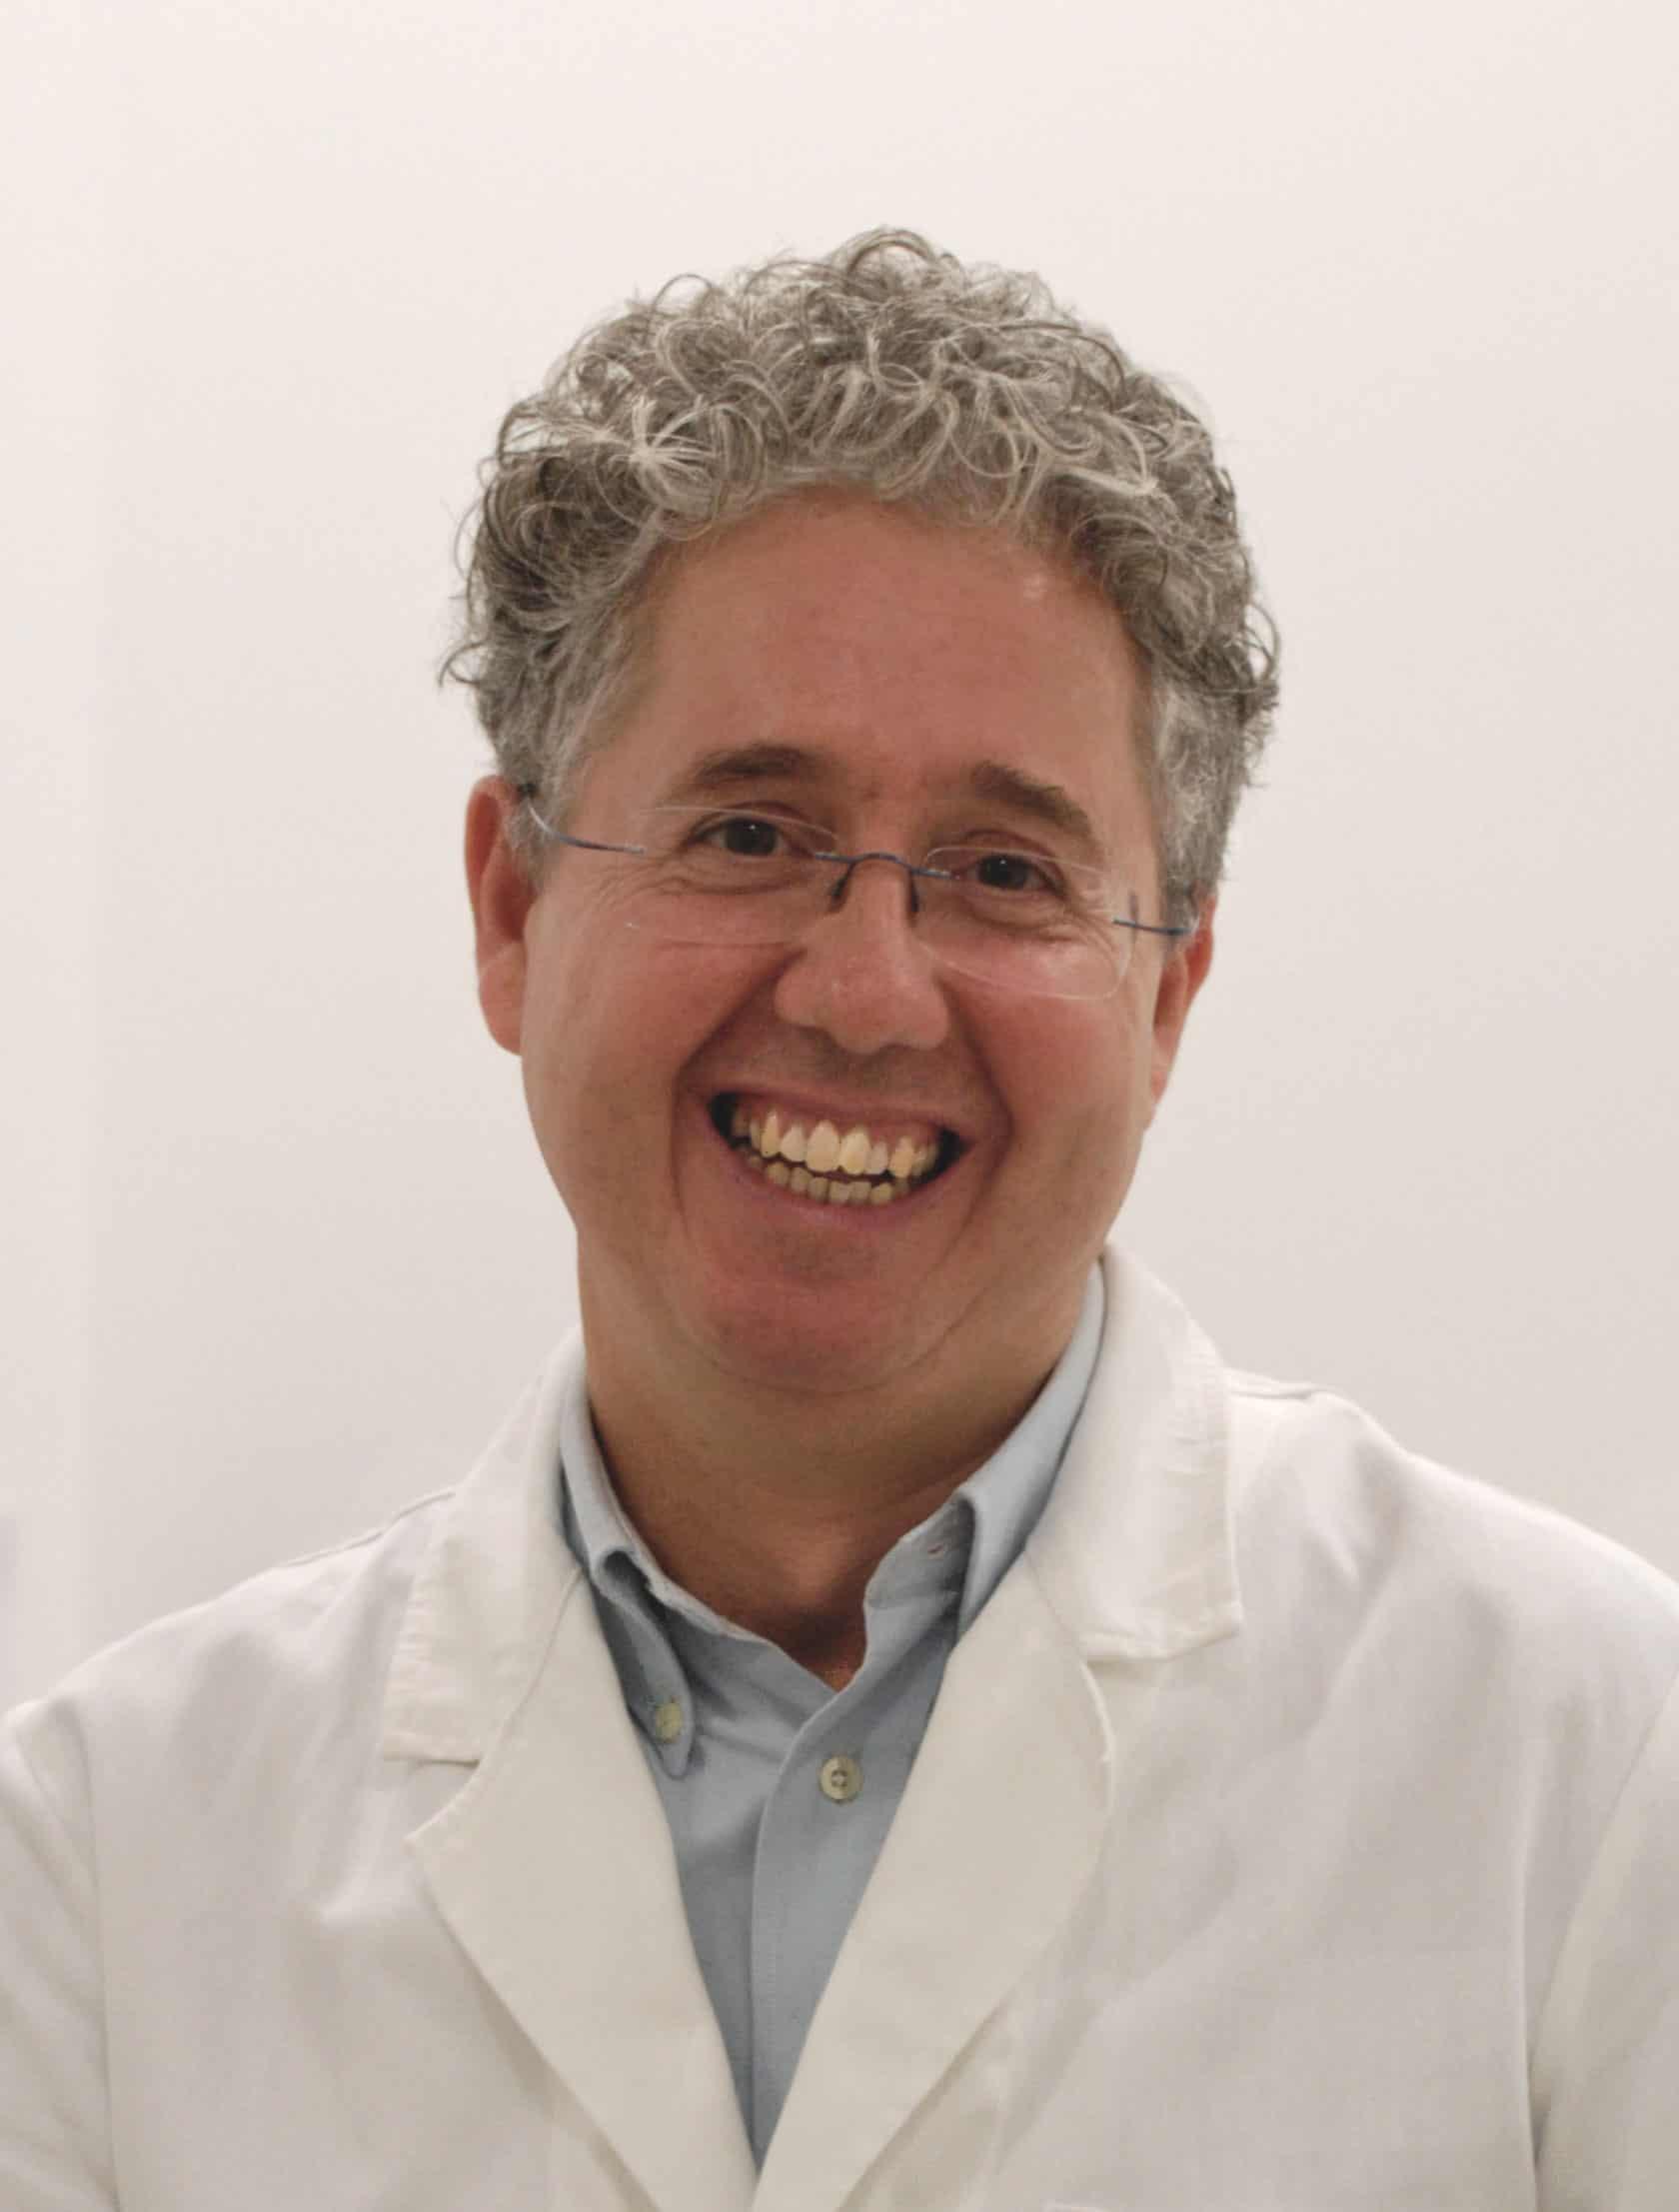 Dr. Francesco Pastorella